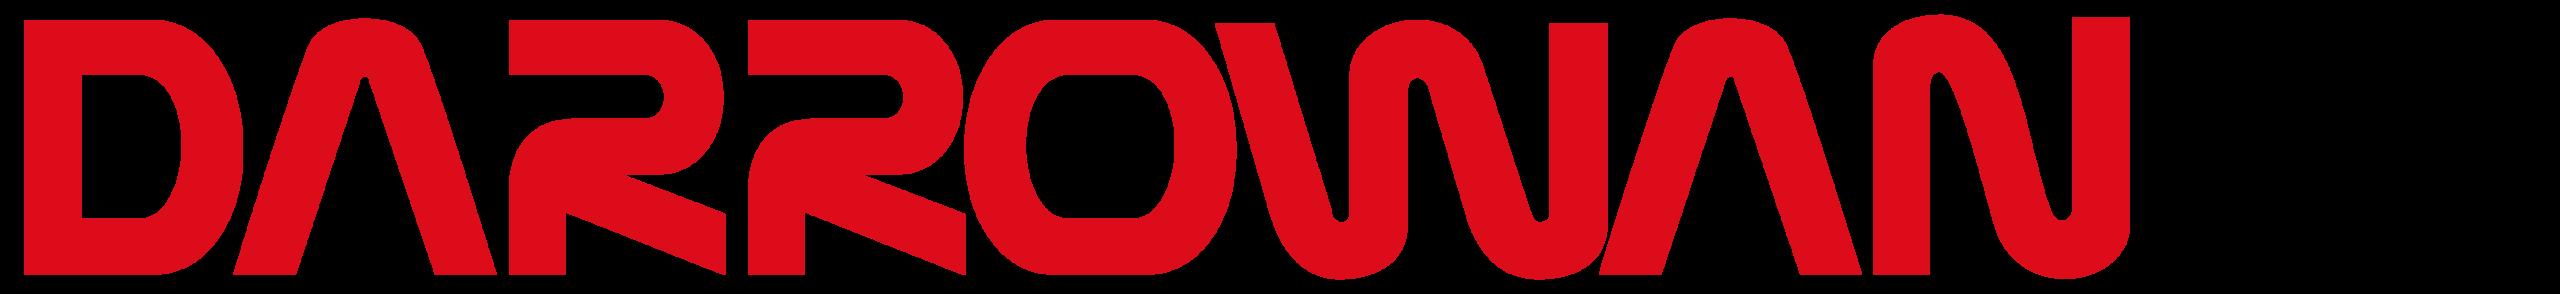 DARROWAN prod